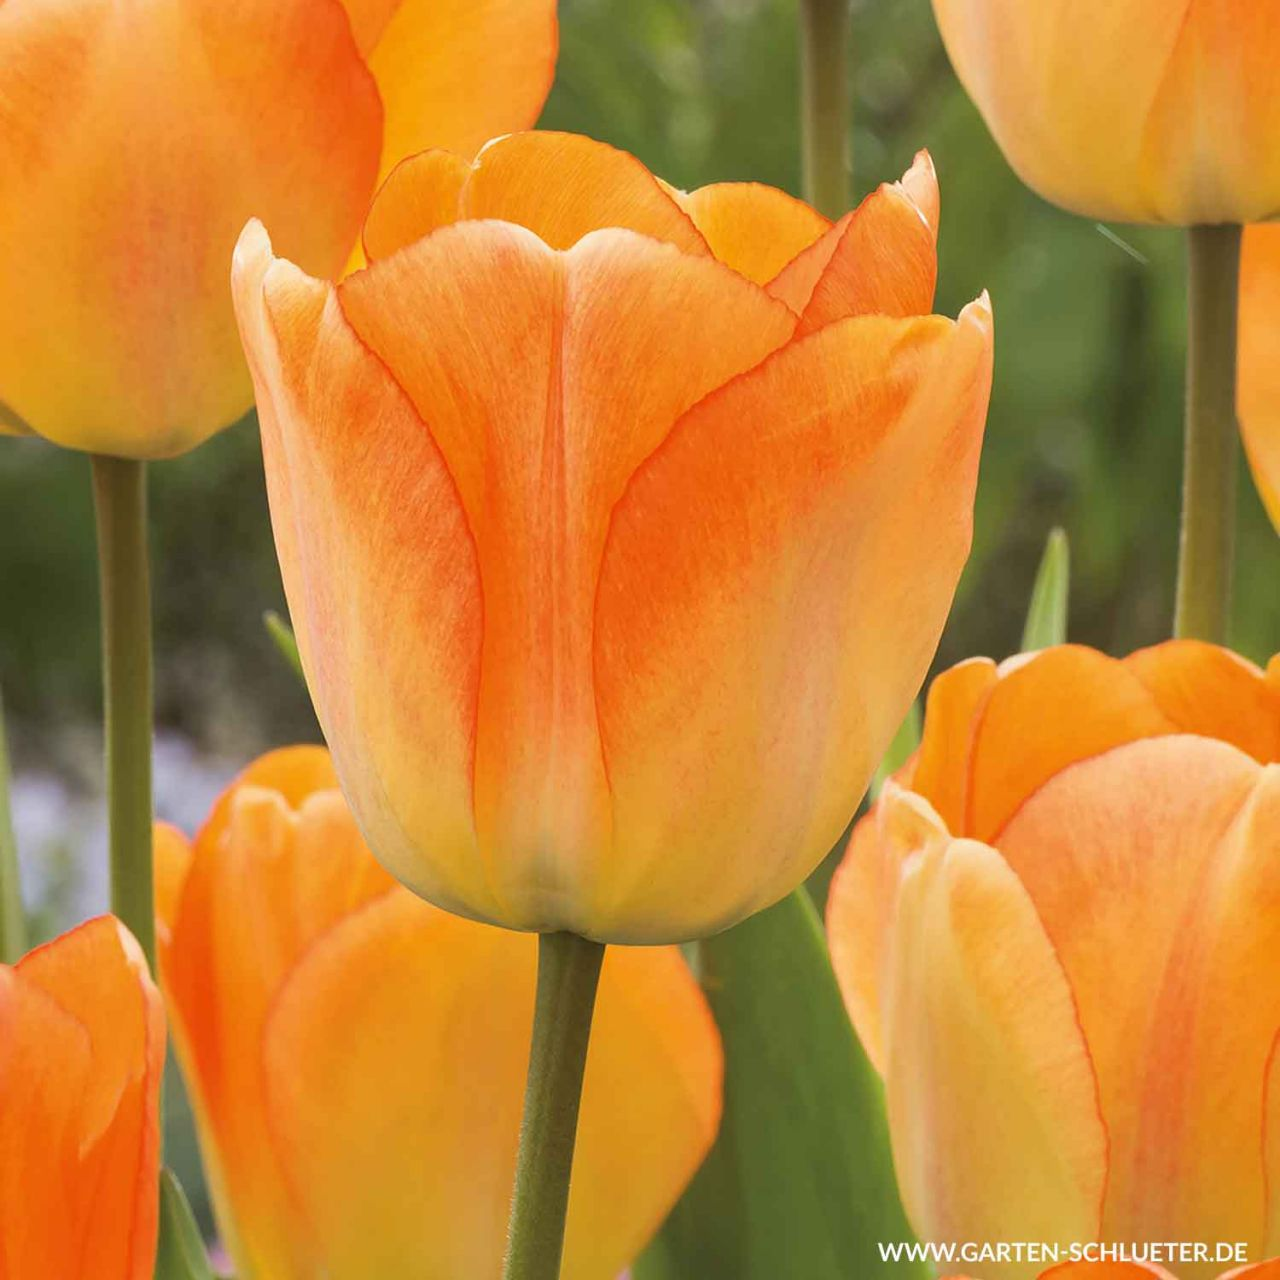 Garten-Schlueter.de: Darwin - Hybrid Tulpe Daydream - 10 Stück